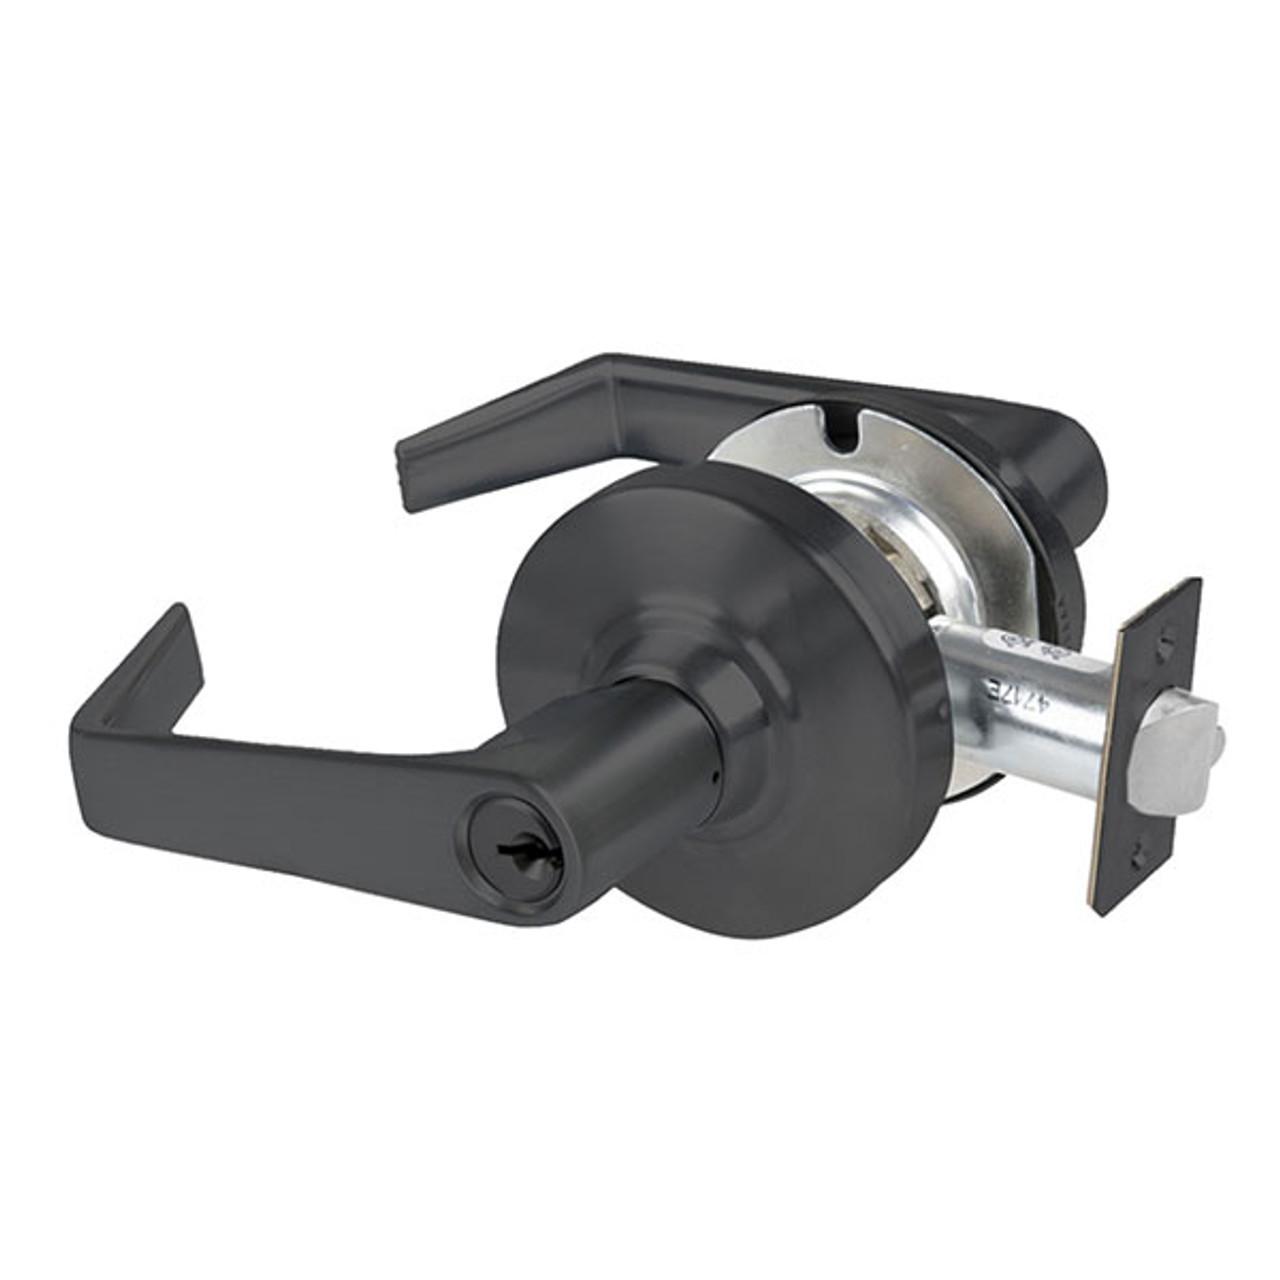 AL50PD-SAT-609 Schlage Saturn Cylindrical Lock in Antique Brass